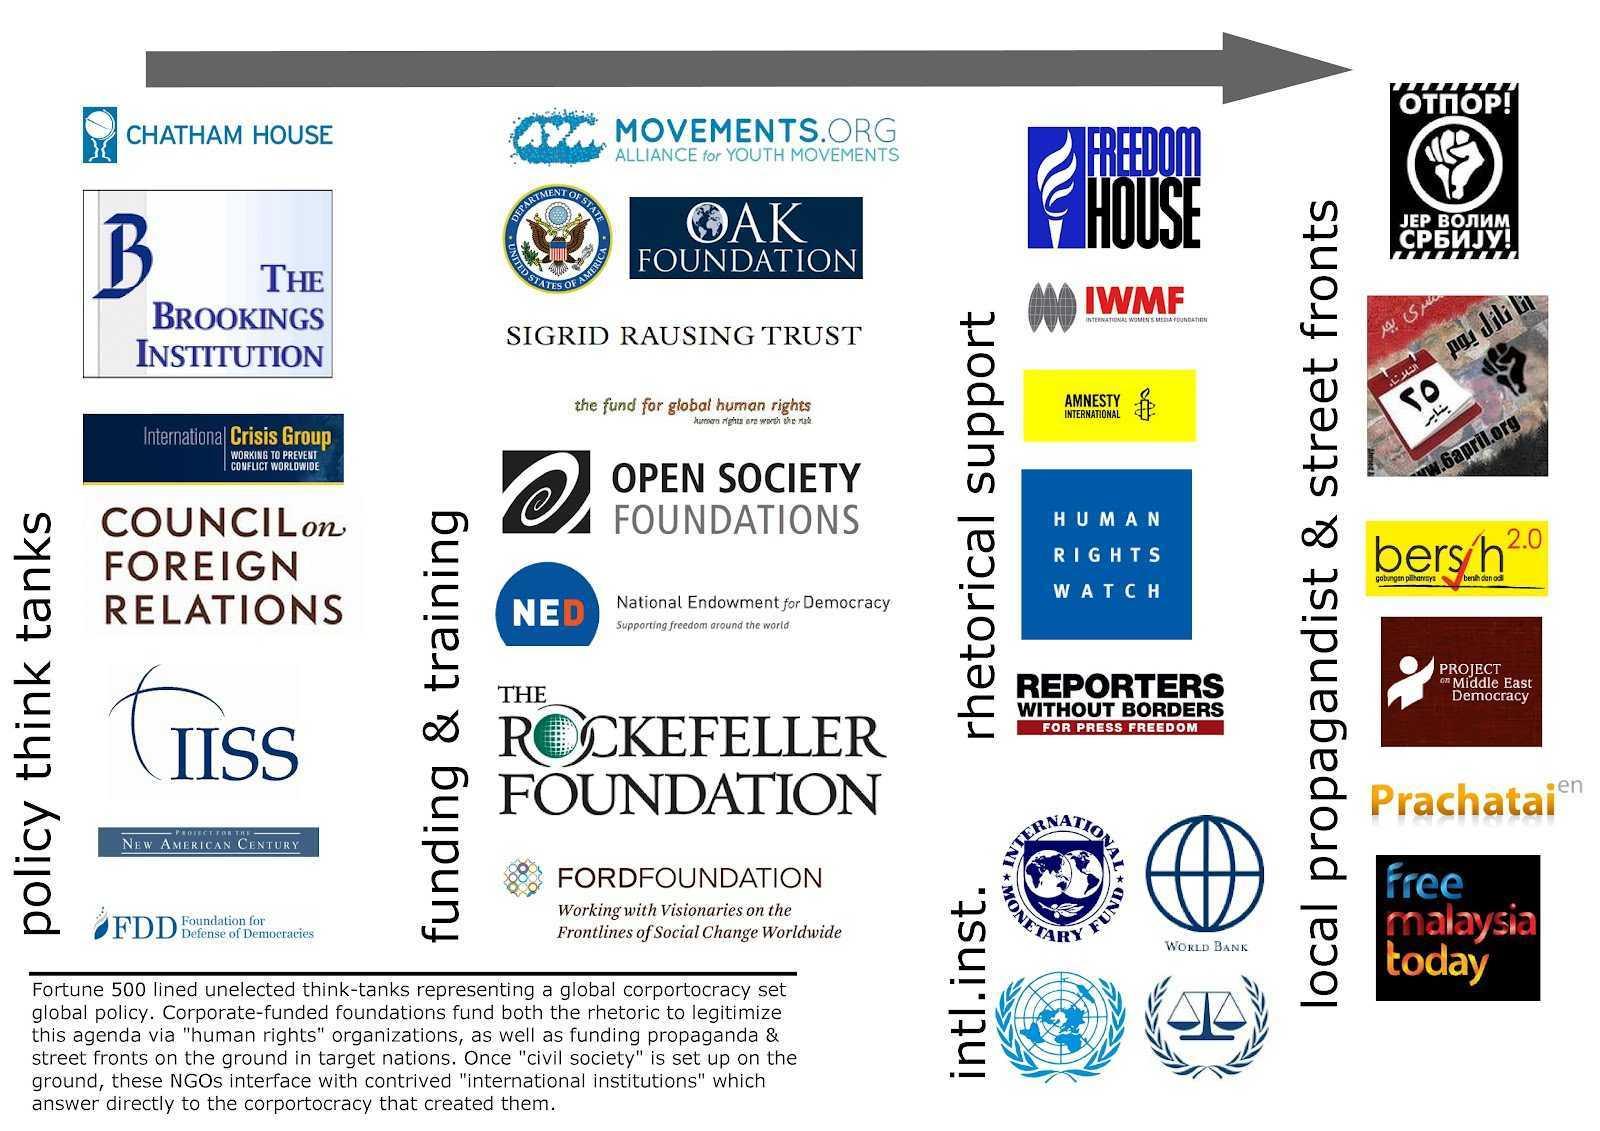 Paleoconservatorul american Pat Buchanan critica implicarea SUA in Ucraina: SE FOLOSESTE SUA DE ONG-URI PENTRU A SUBMINA REGIMURI POLITICE?